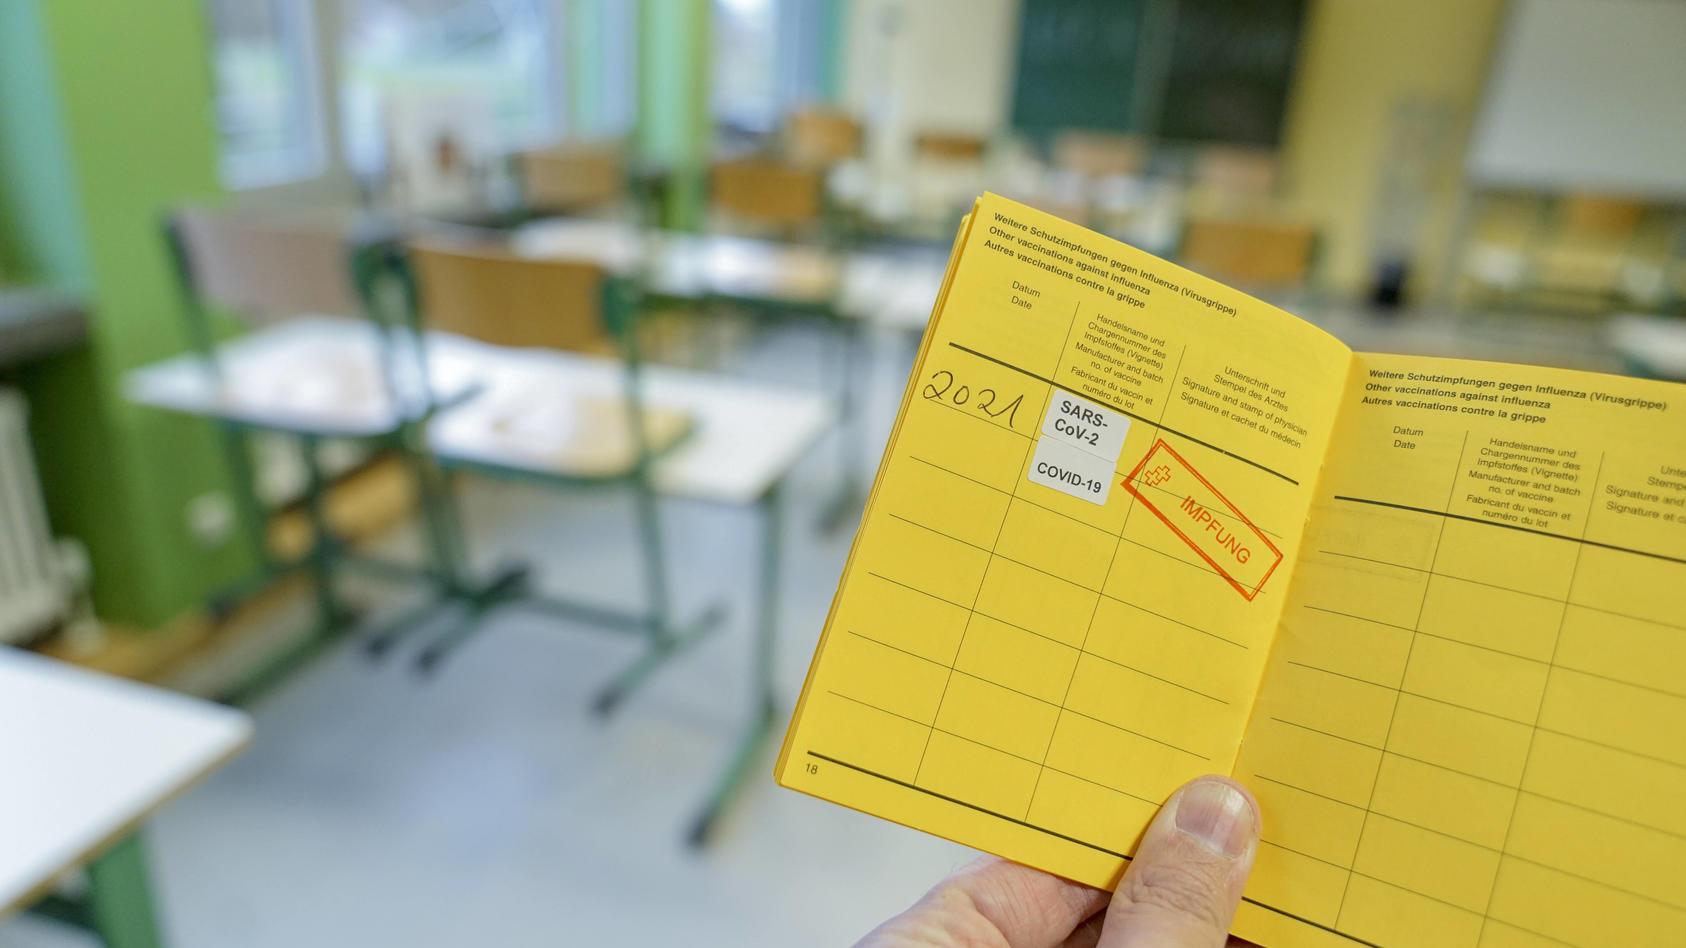 Das Verwaltungsgericht in Schleswig hat einen Eilantrag gegen Corona-Schutzimpfungen an Schulen als unzulässig abgelehnt.